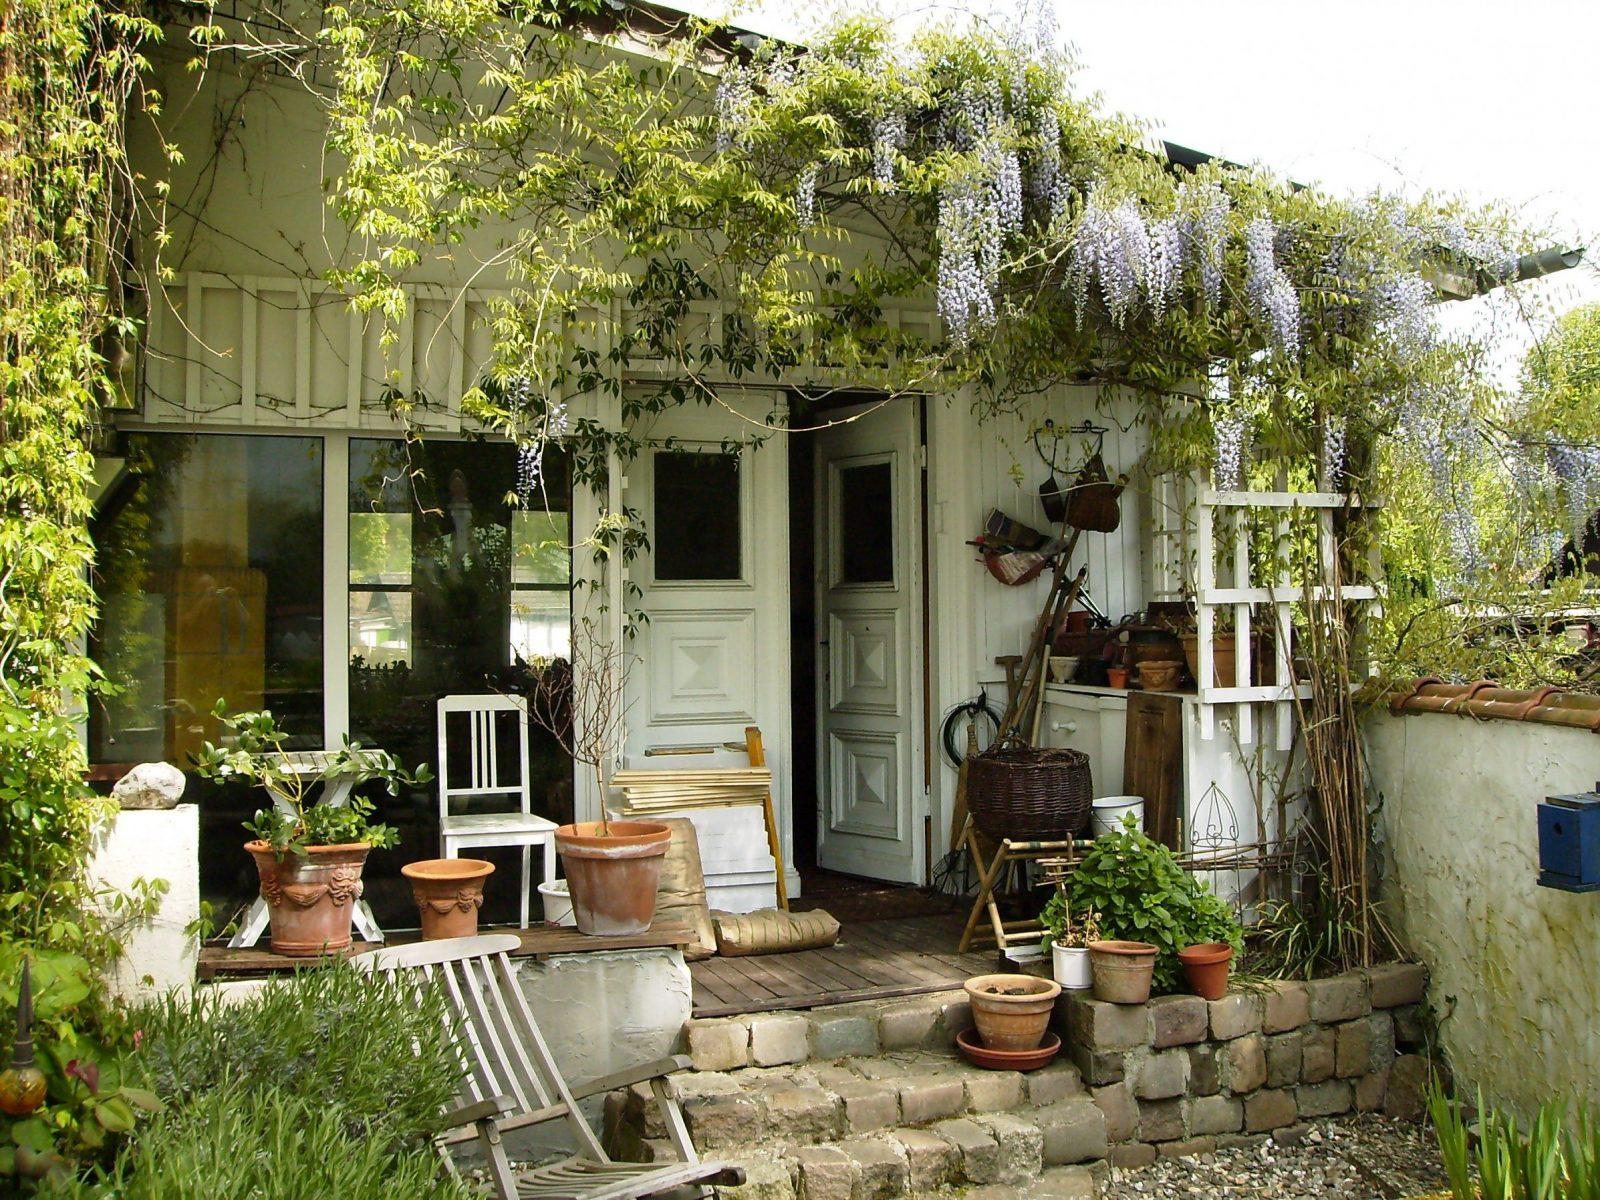 Wohnen Und Garten Sonderhefte Garten Und Wohnen Garten House Und von Landhaus Wohnen Und Garten Bild